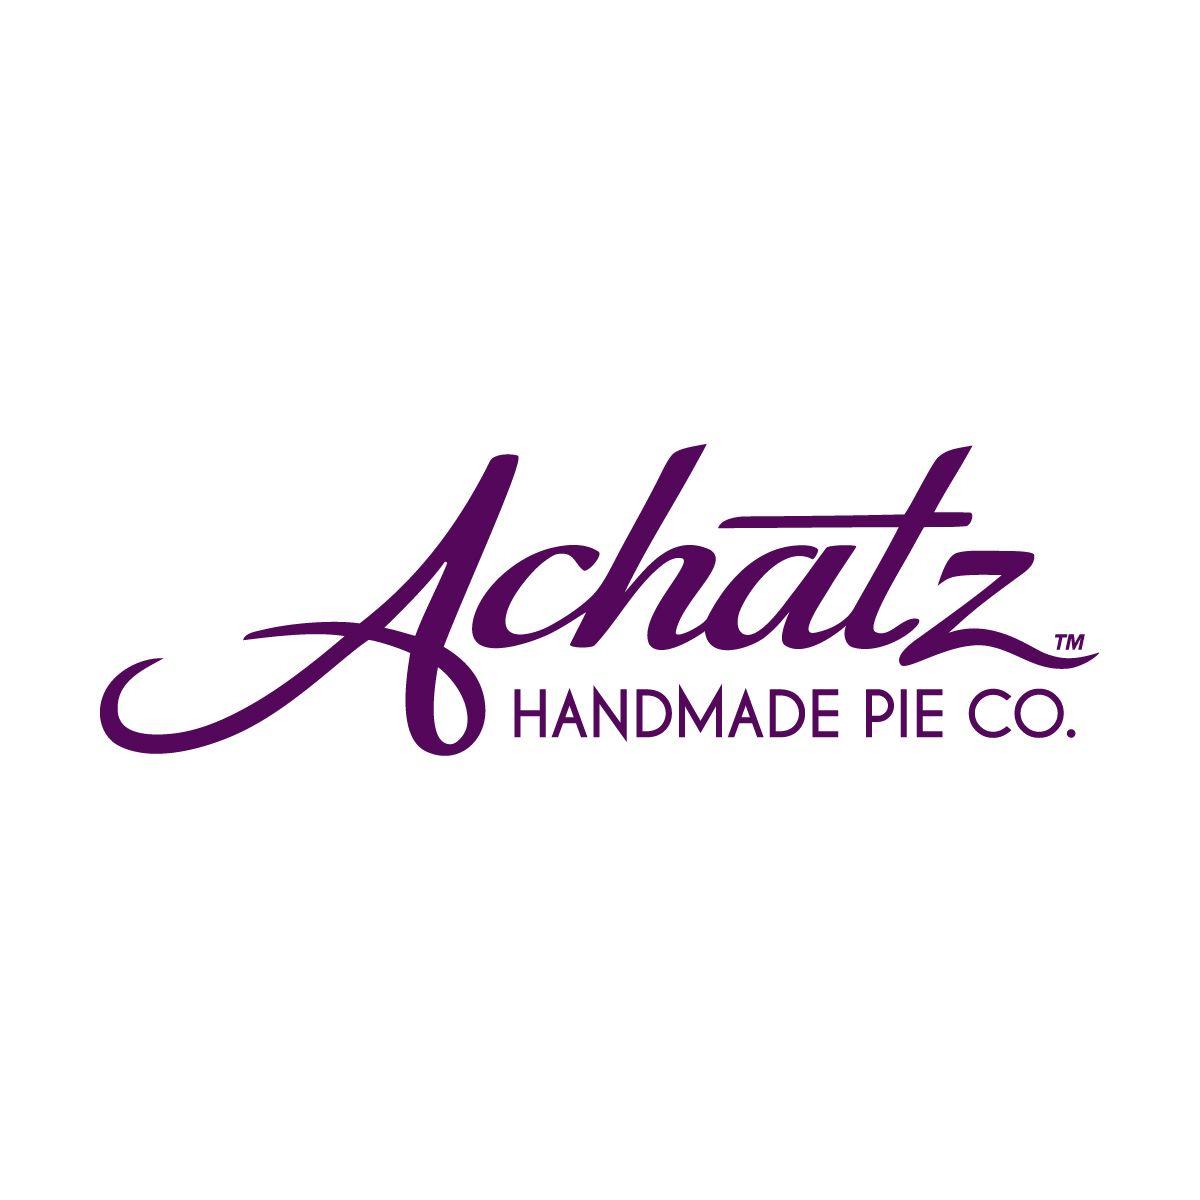 Achatz-TOL-2019